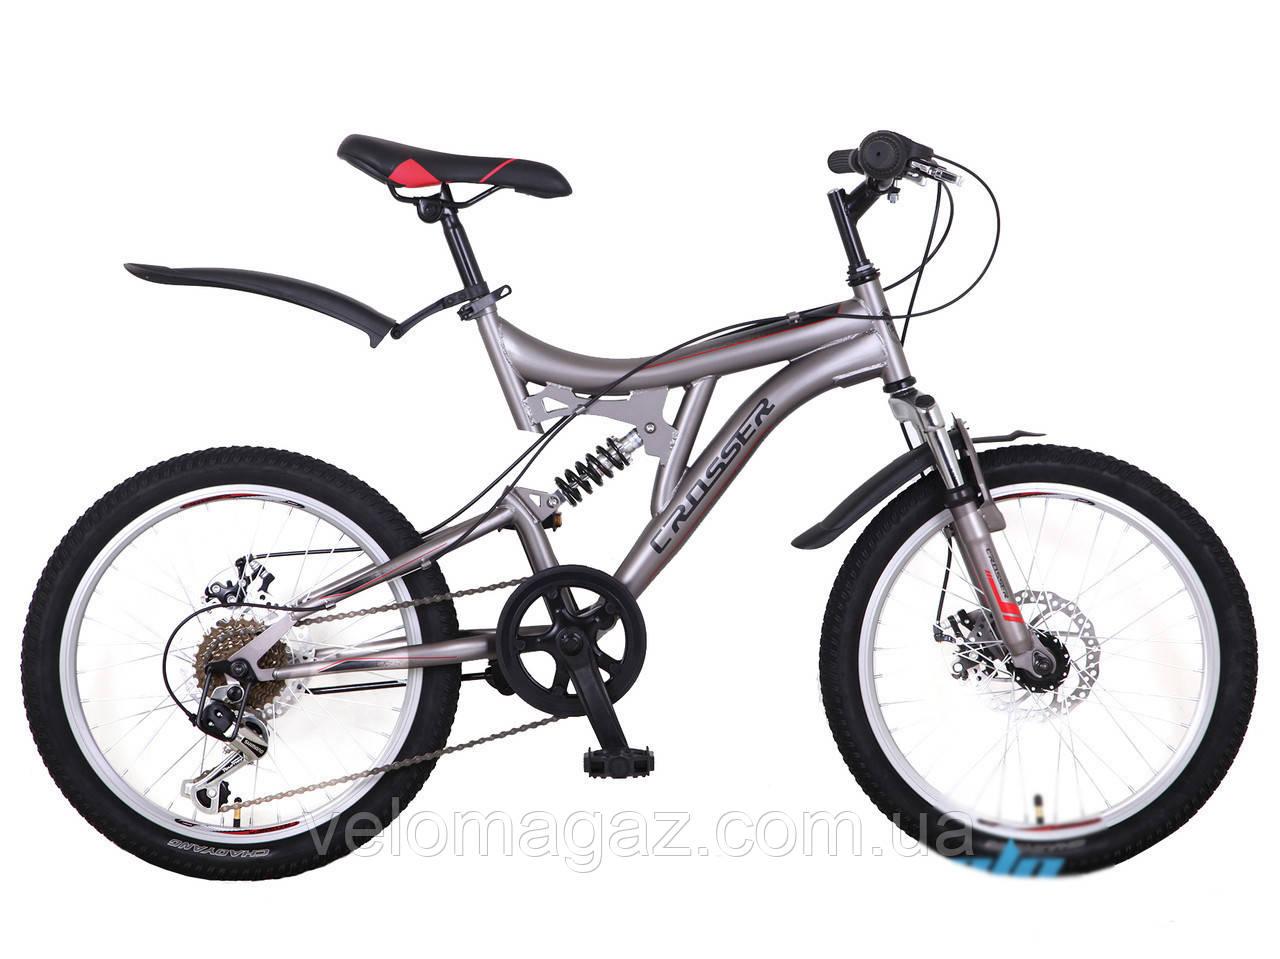 """Велосипед горный Crosser Smart *19 26"""" серый алюминиевый двухподвесный"""